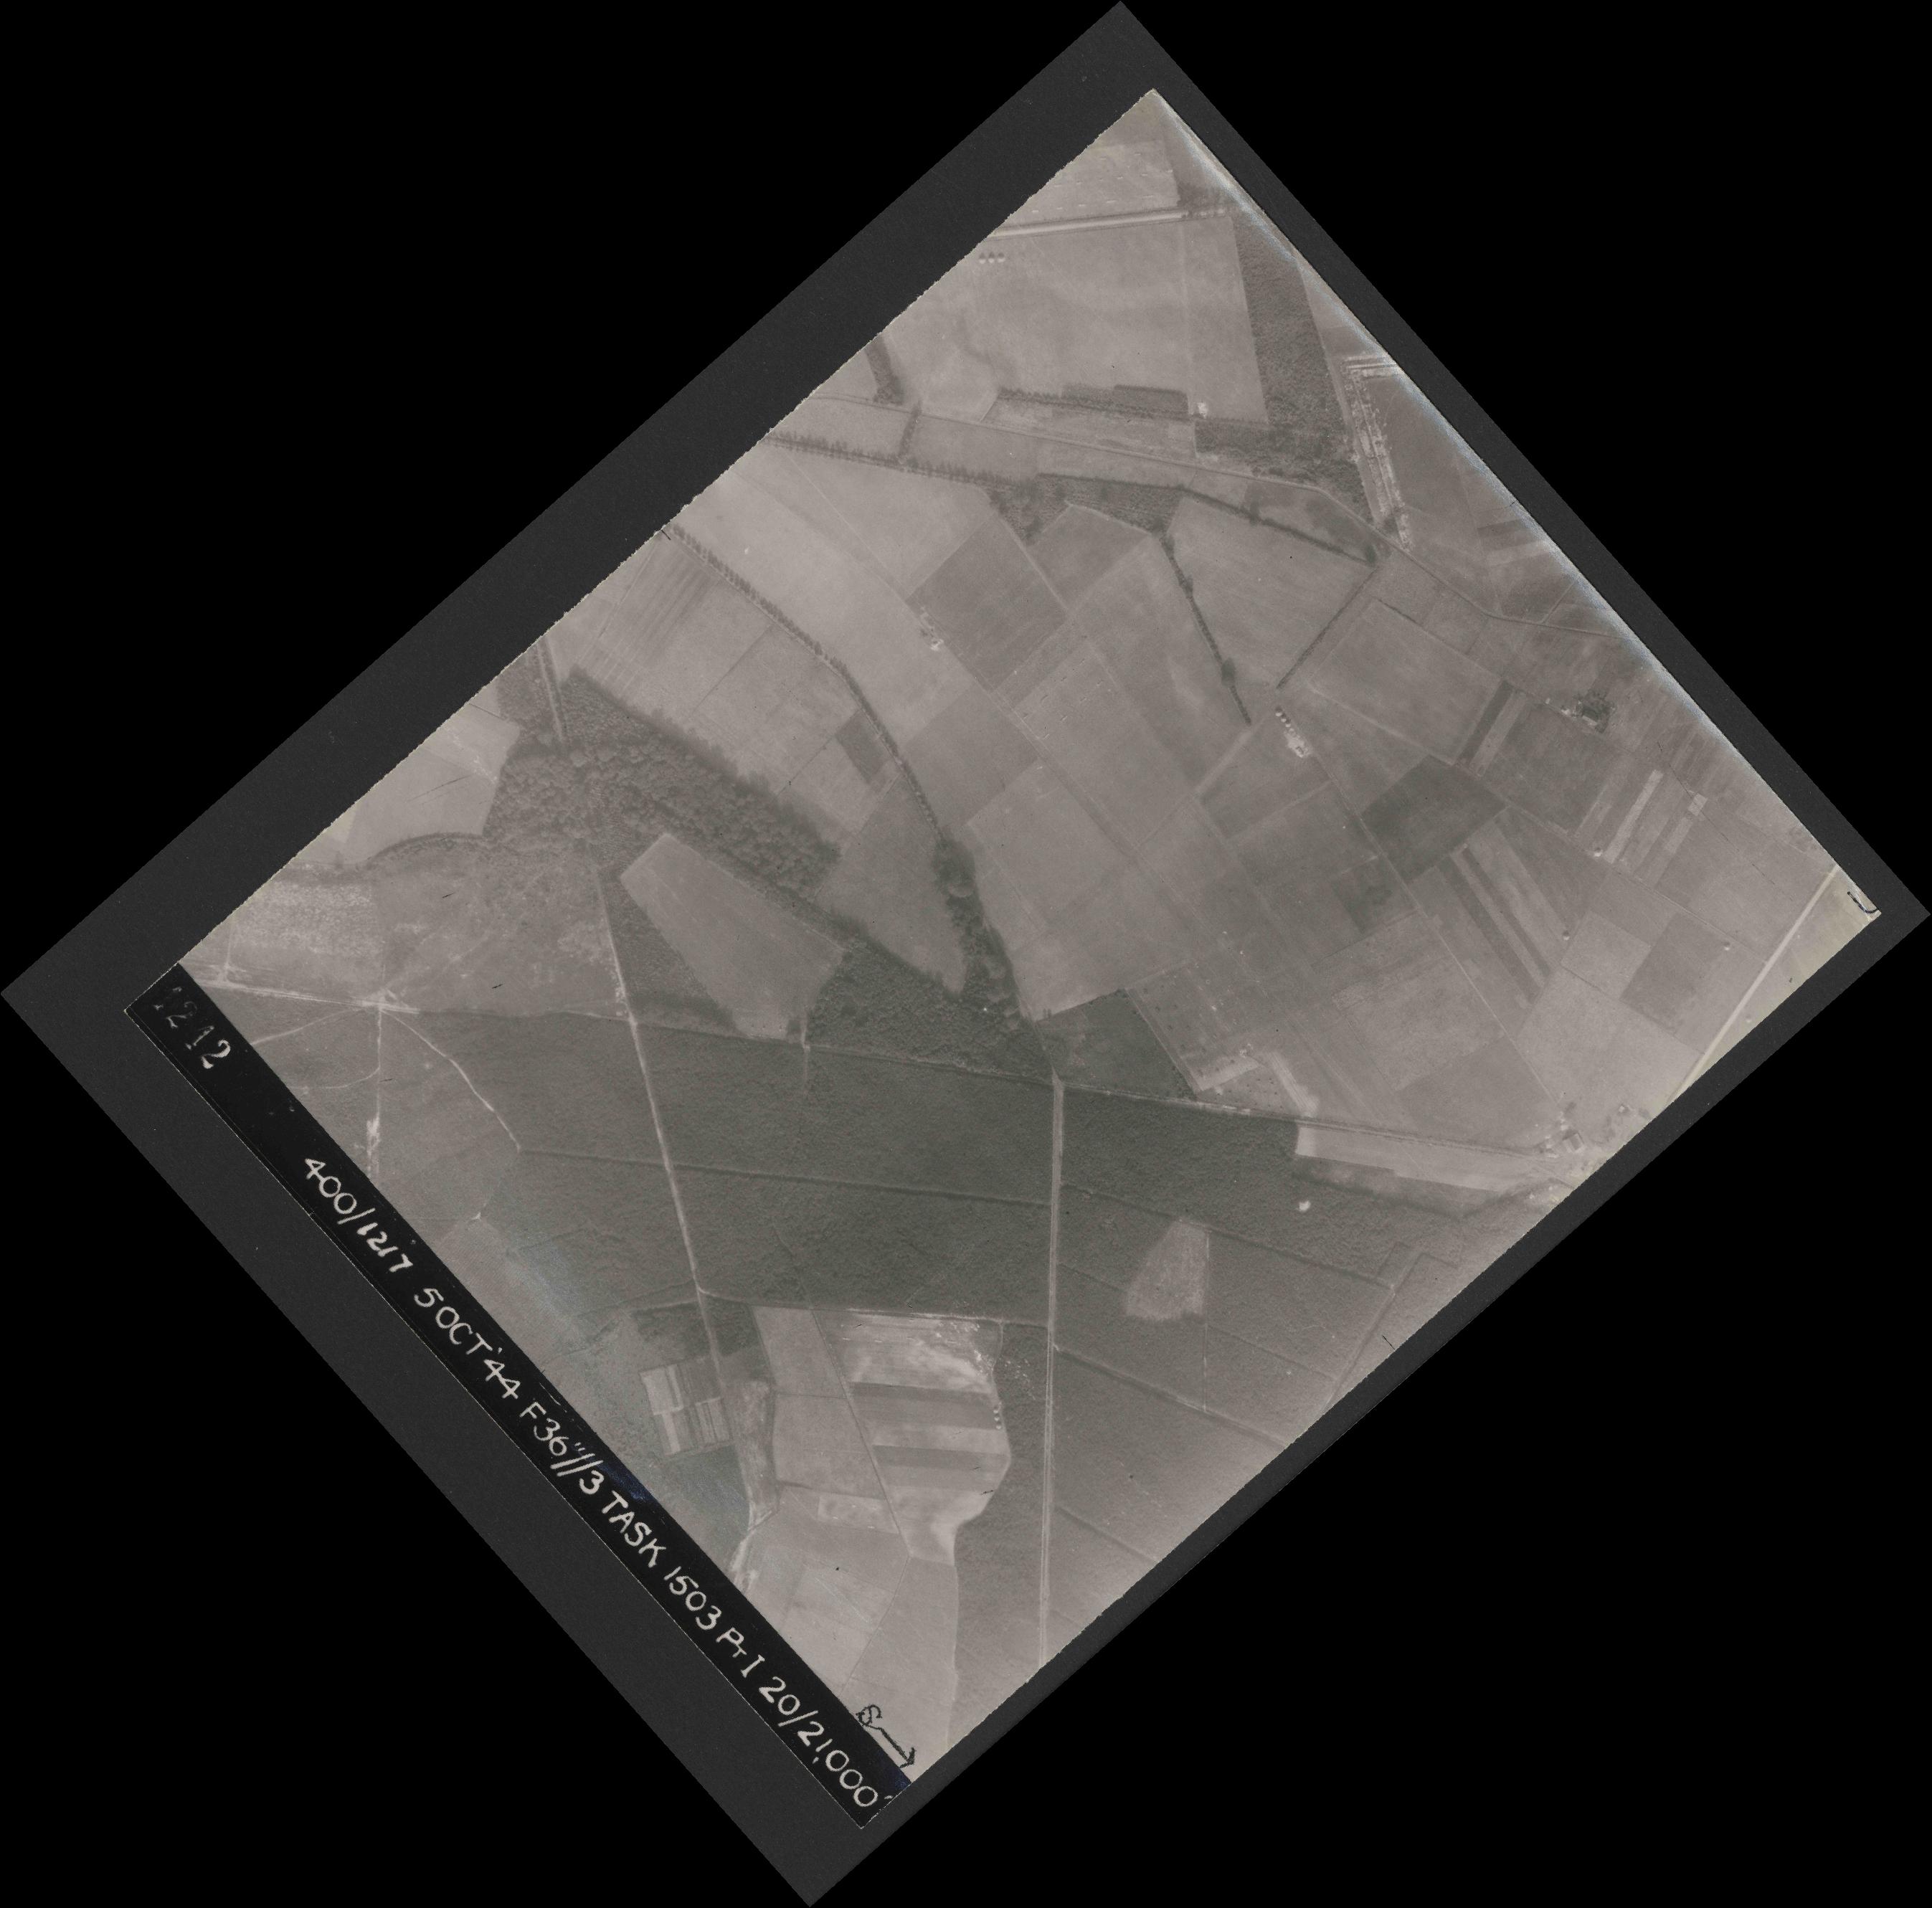 Collection RAF aerial photos 1940-1945 - flight 316, run 03, photo 4242